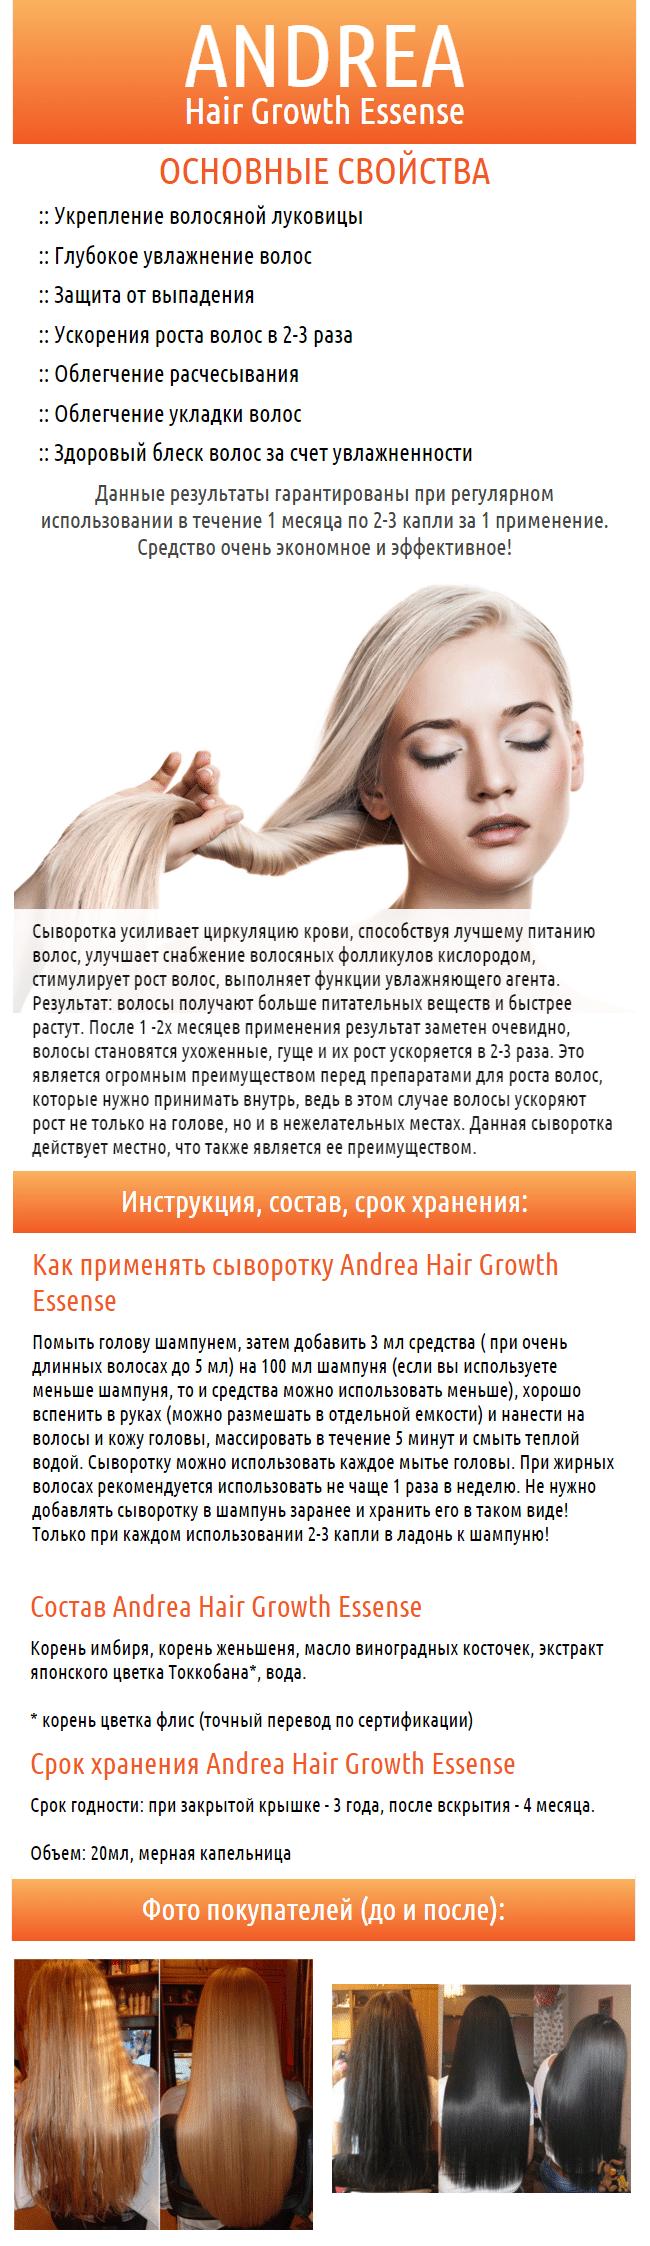 Сыворотка «andrea» для роста волос: способ применения, особенности средства, опыт использования